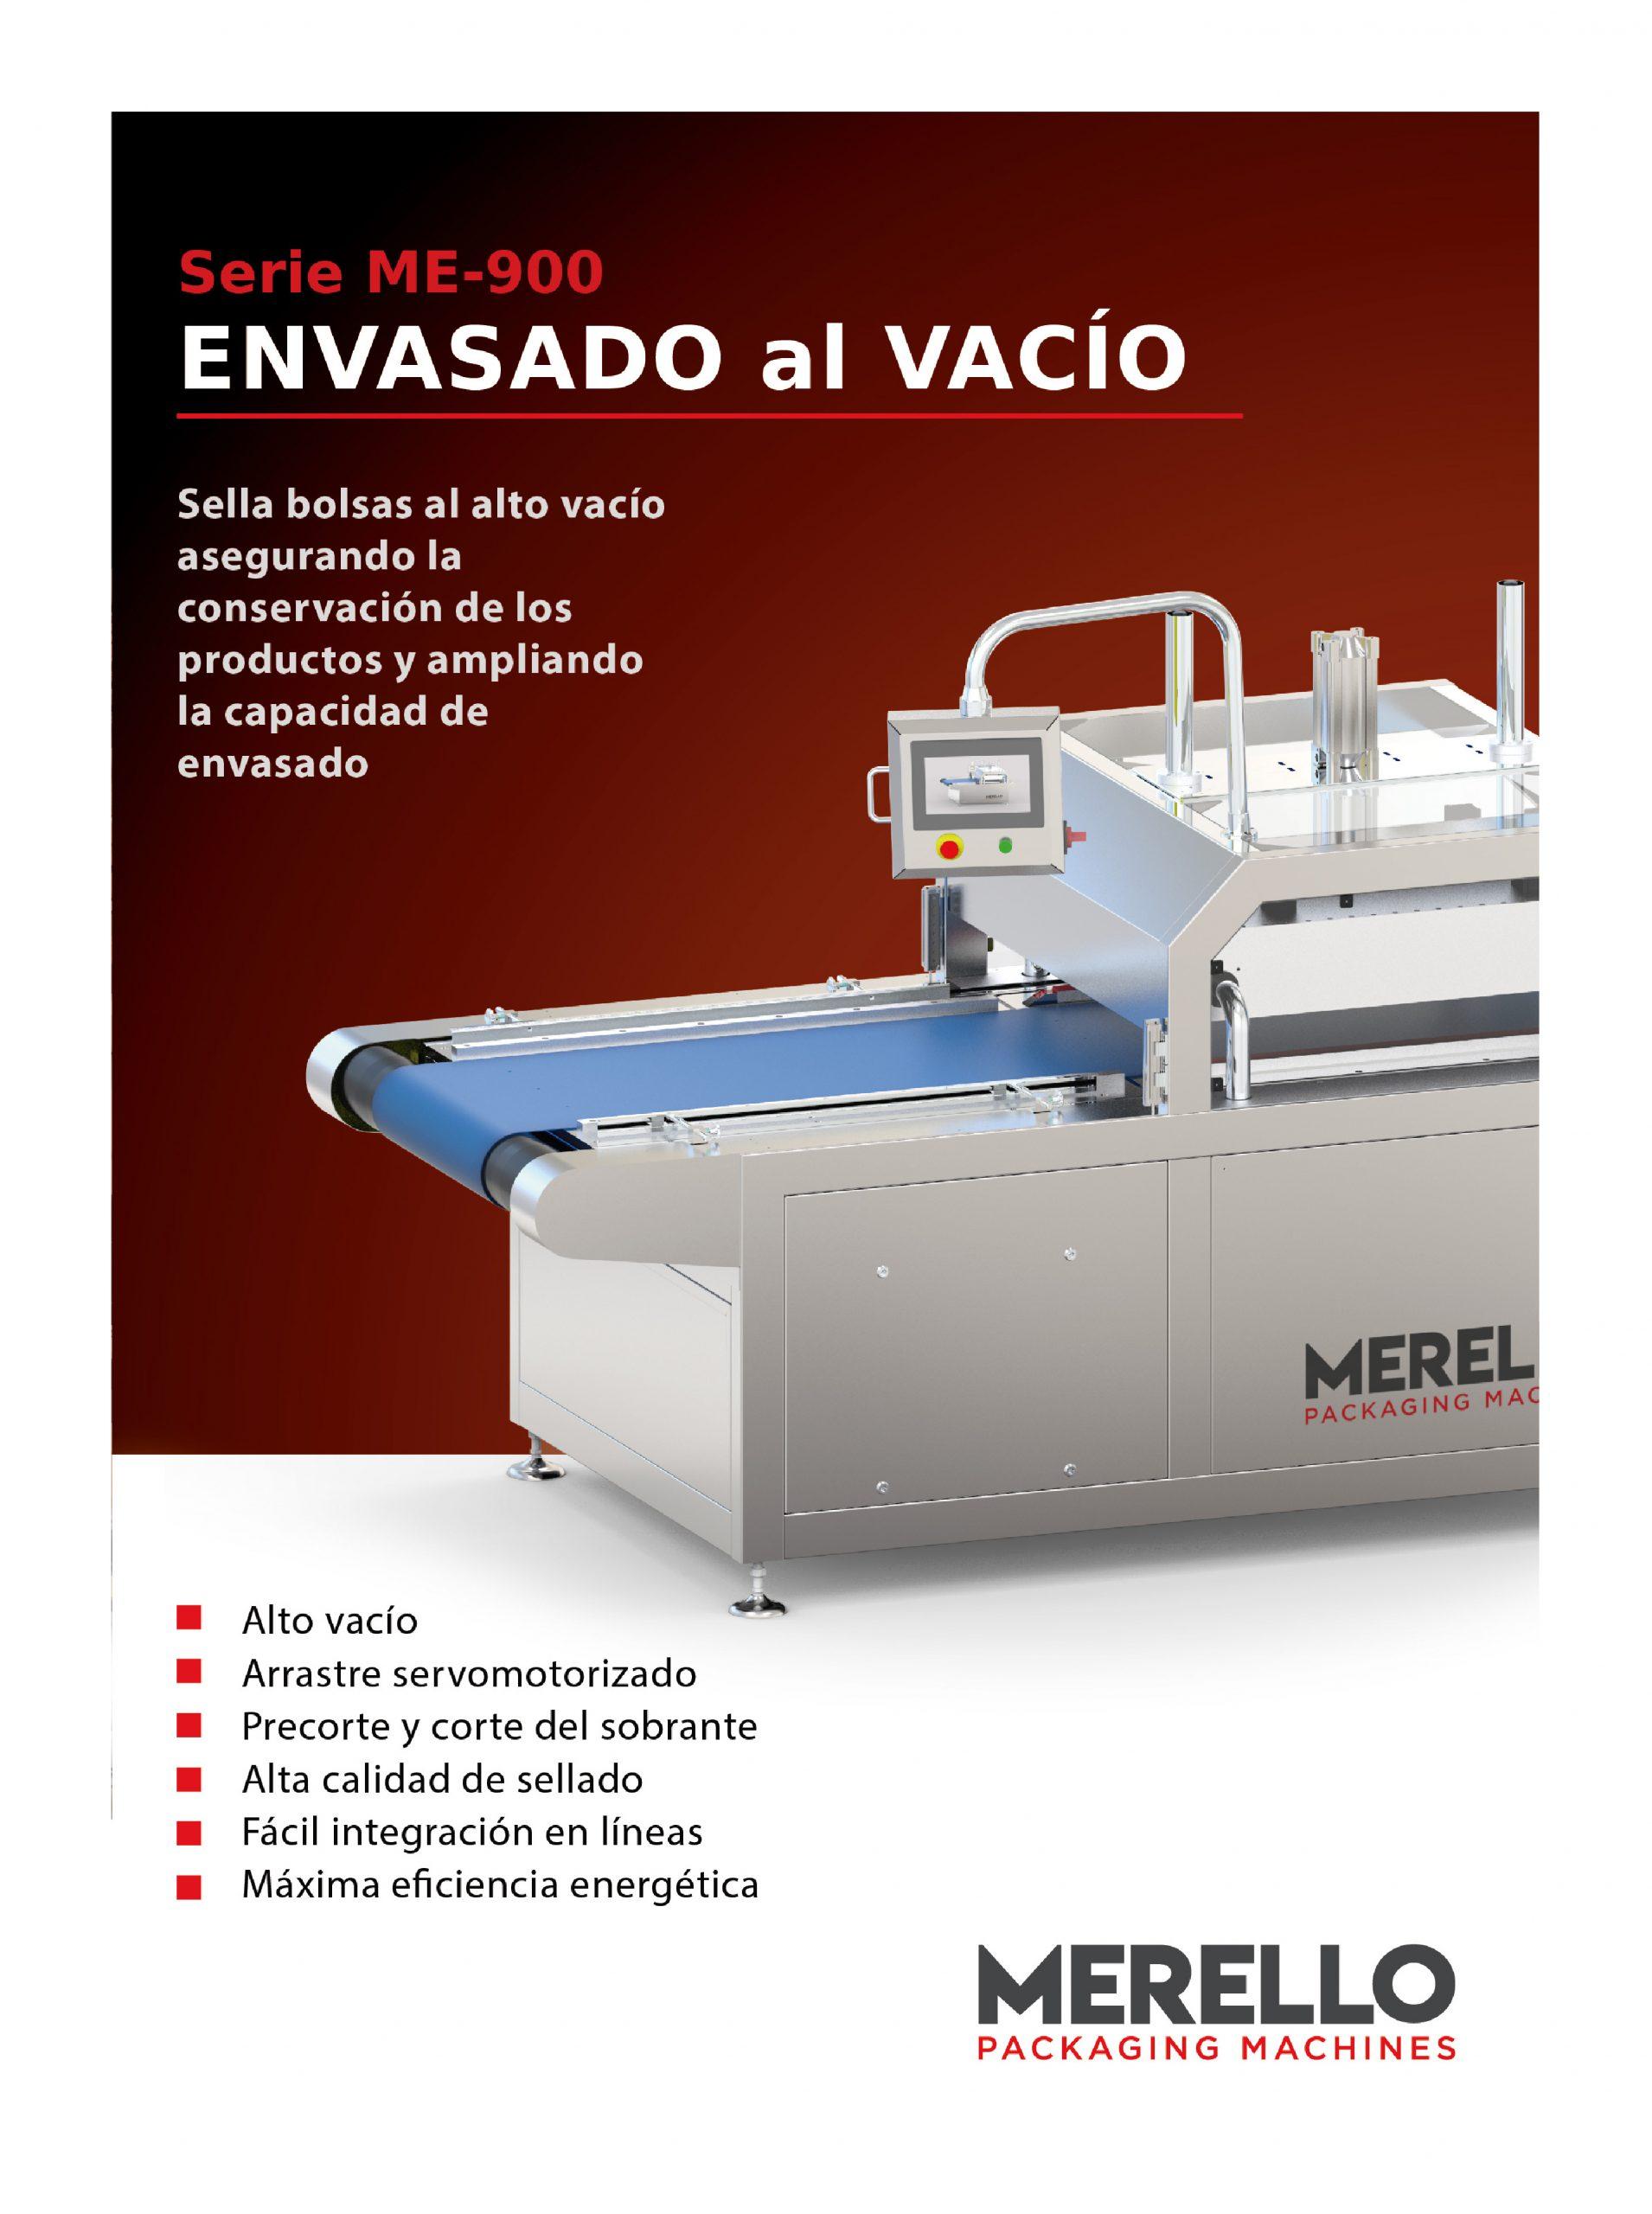 catalogo-fabricantes-maquinaria-envasado-al-vacio-industrial-portada